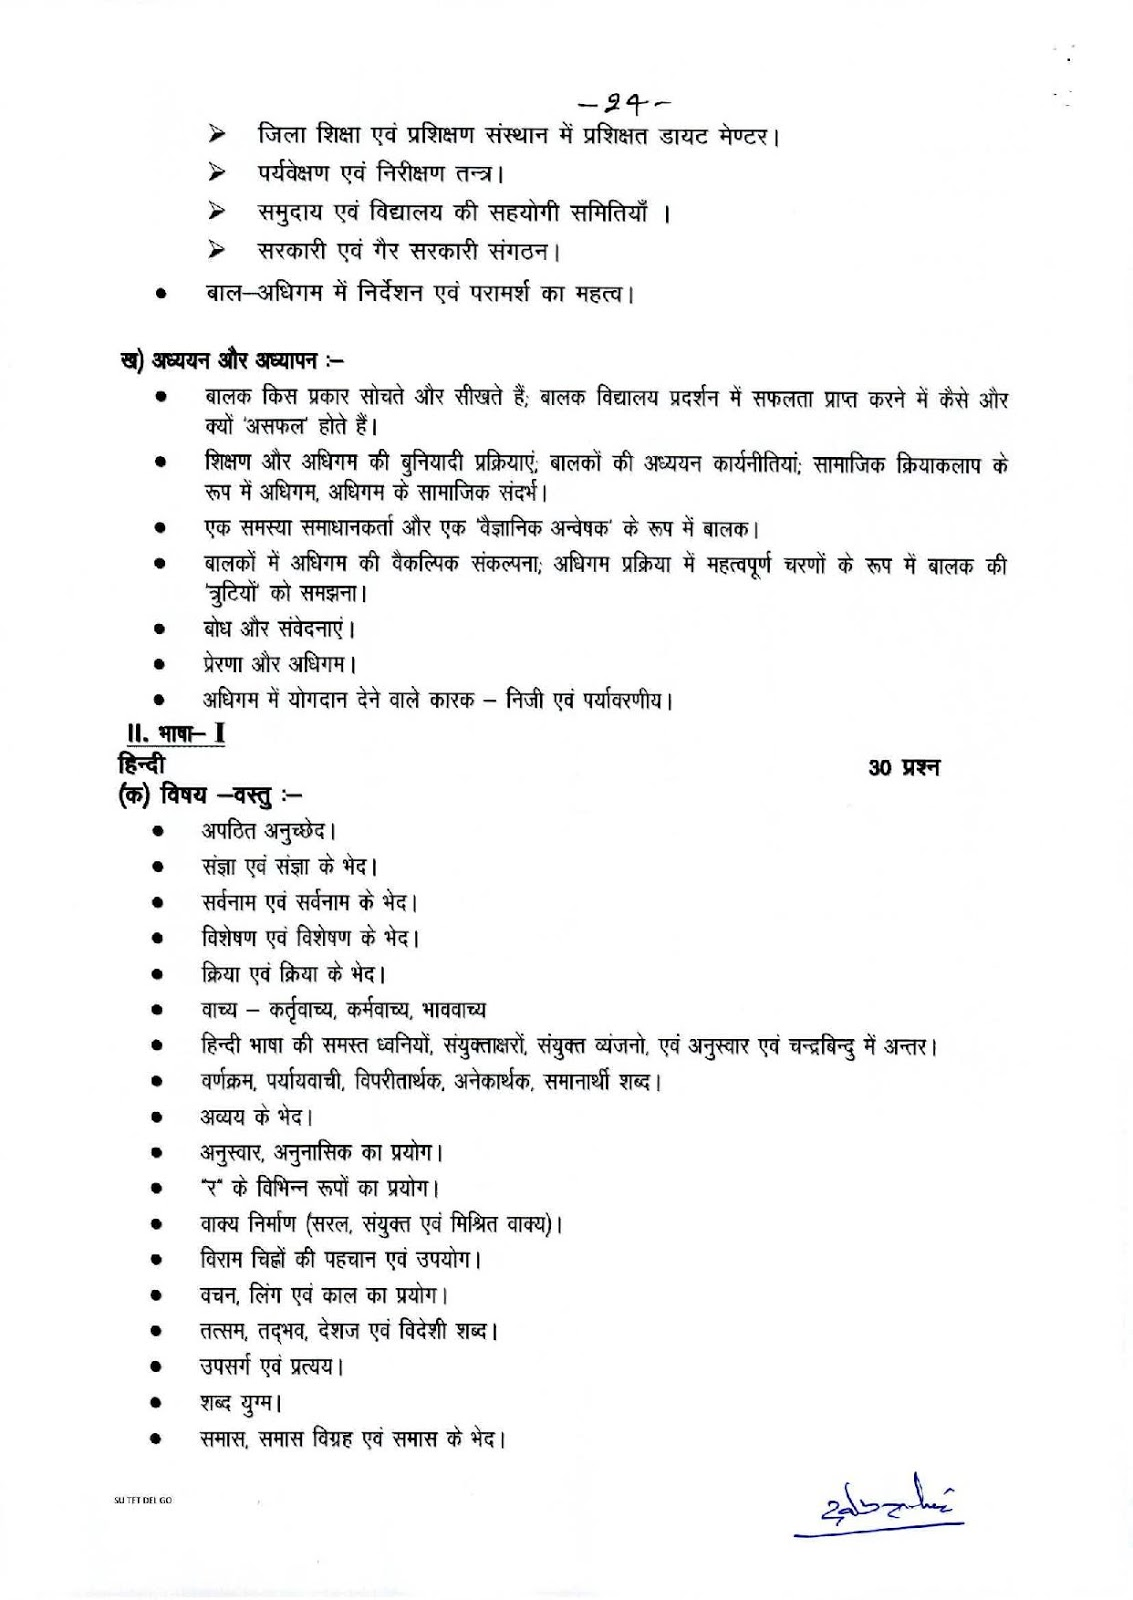 उच्च प्राथमिक पेपर-II (कक्षा 6 से 8 तक) पाठ्यक्रम देखे -2